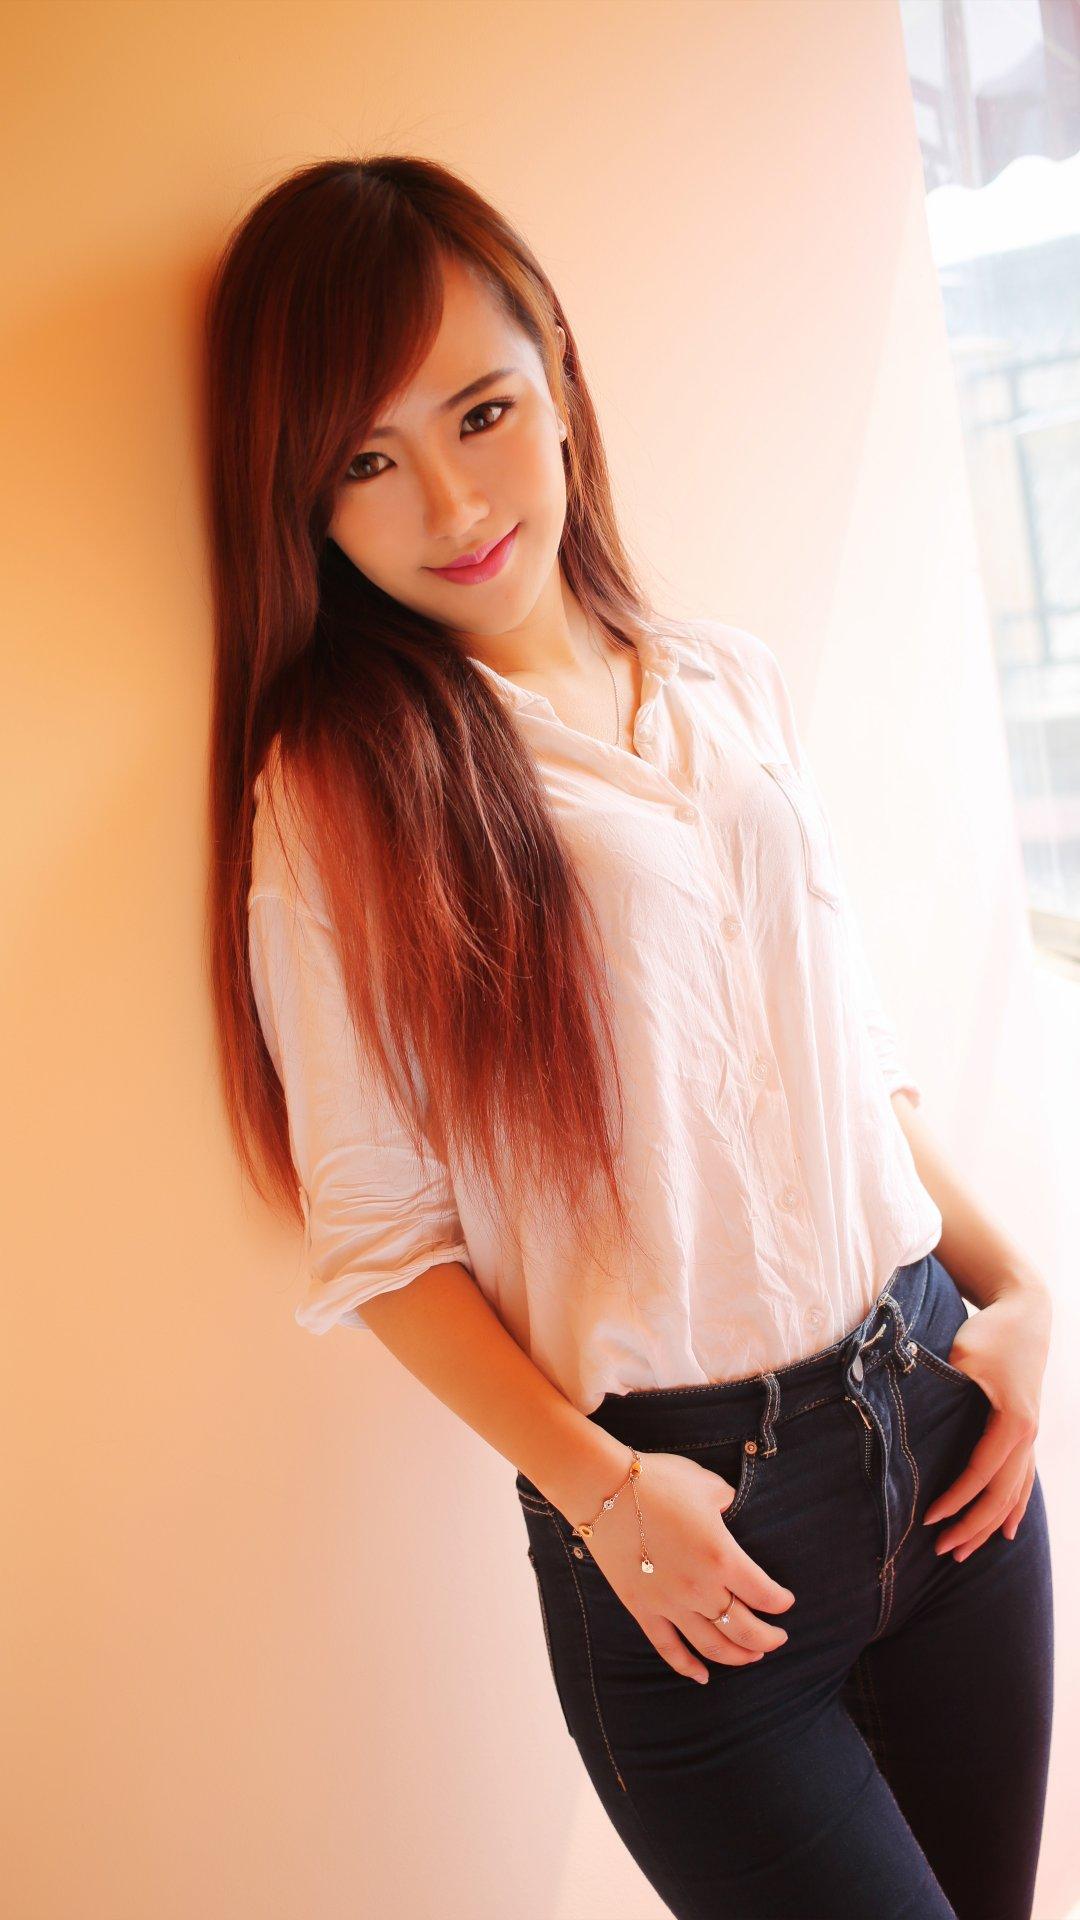 赵婉妮Wanni美女模特4k手机壁纸